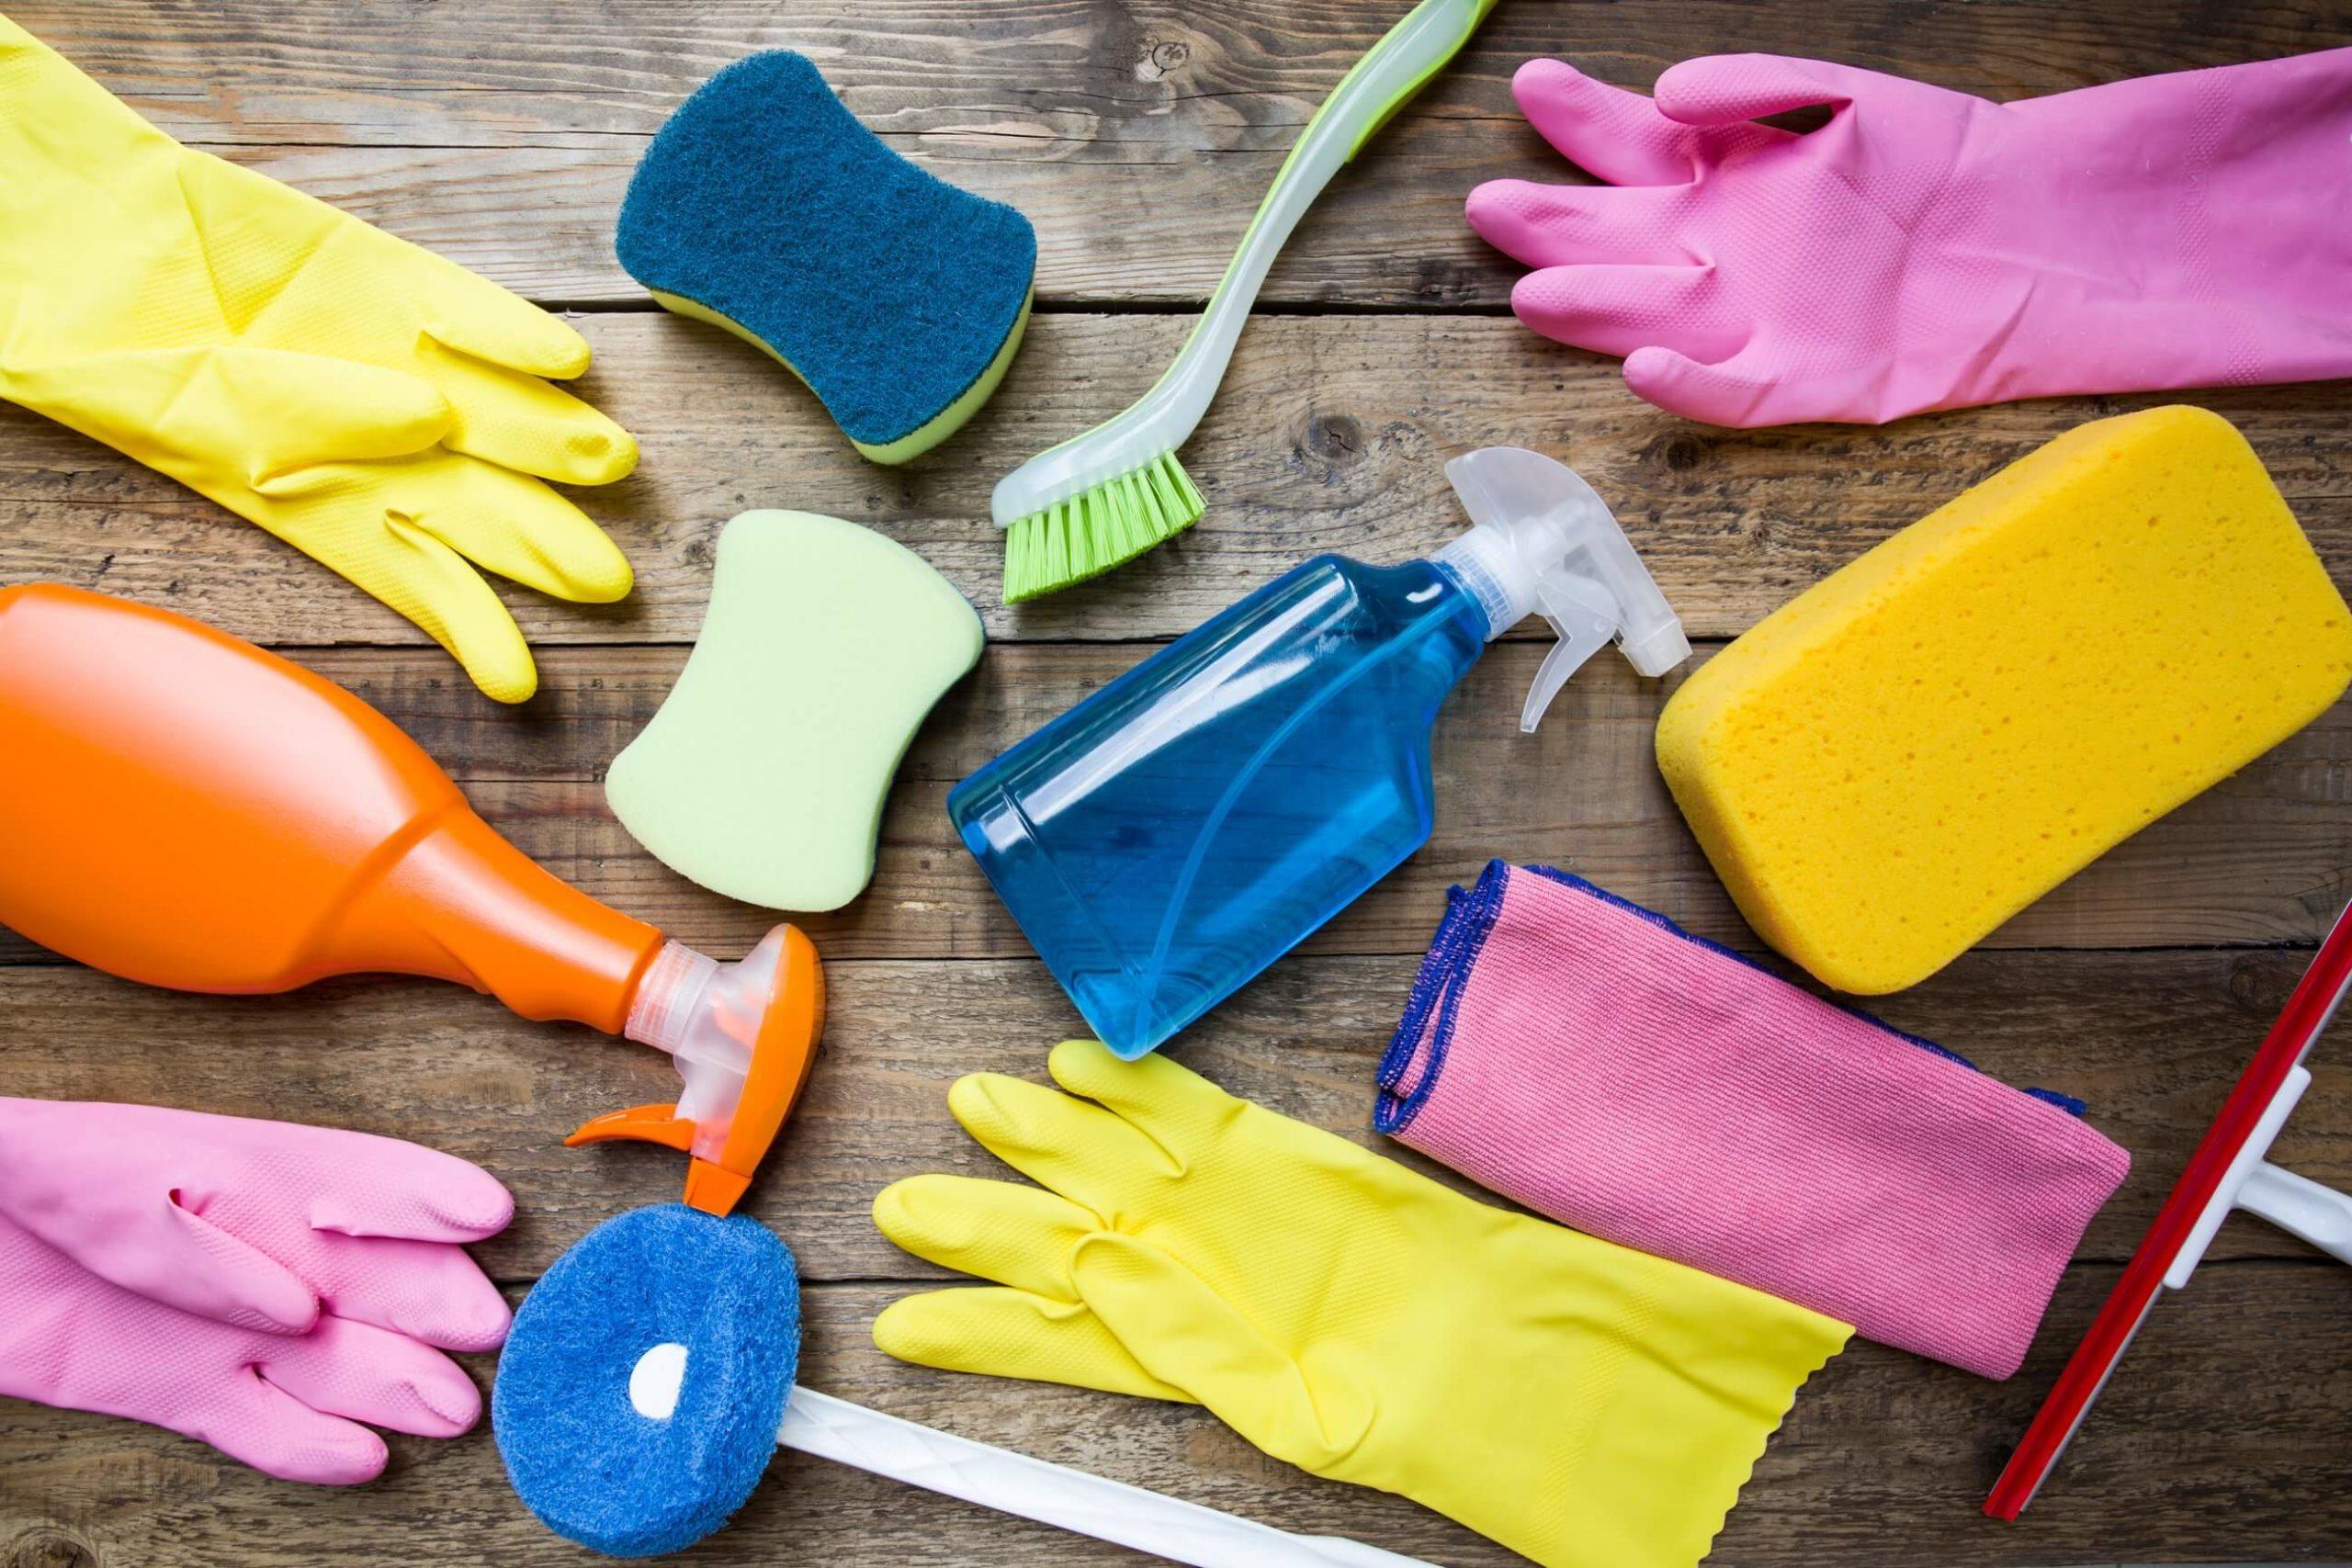 Уборка домов 🧹 клининг квартир коттеджей в Апрелевке 🏠